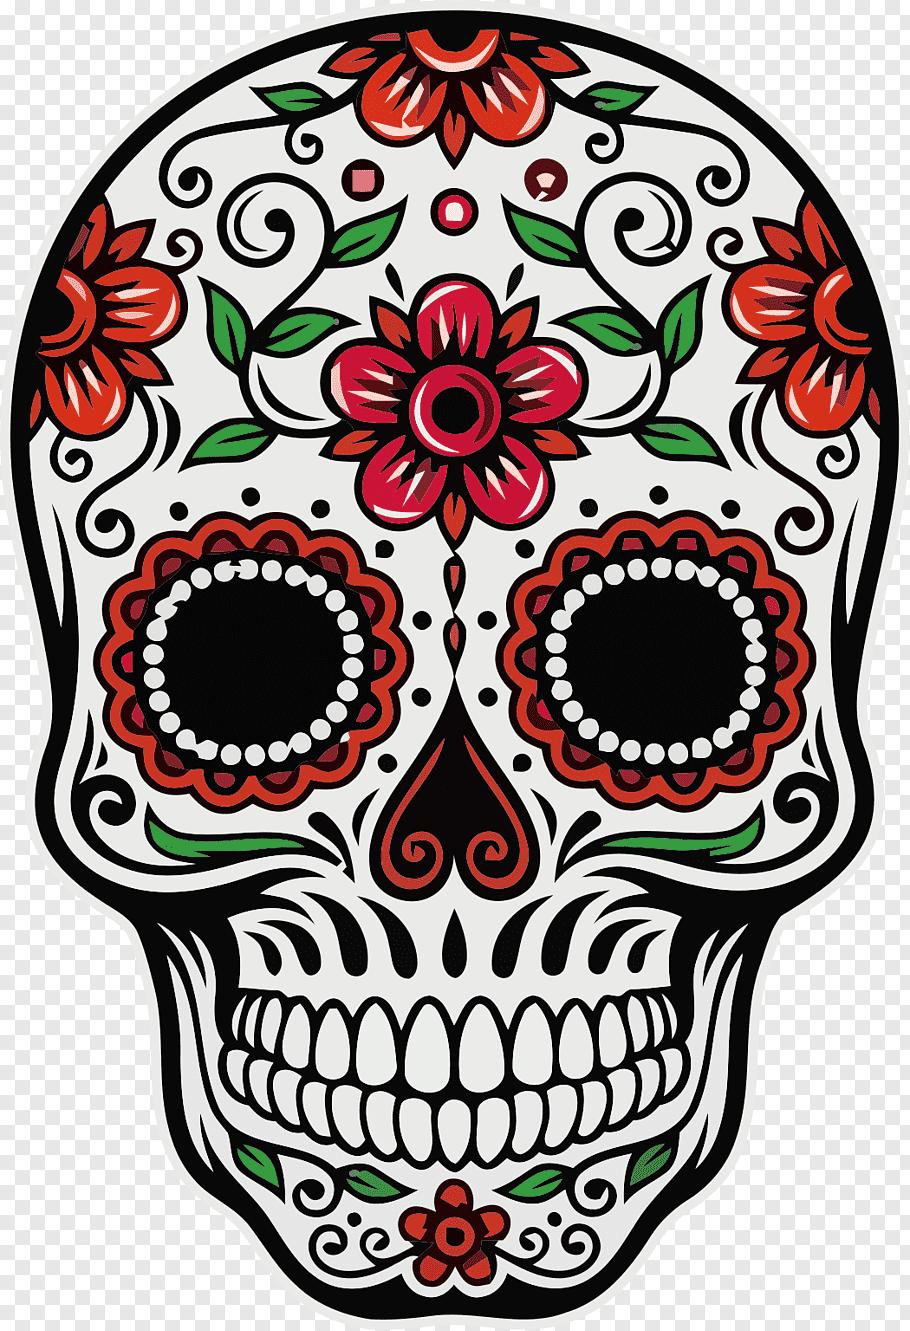 Calavera Calavera Day Of The Dead Skull Death Mexican Cuisine Skull Free Png Sugar Skull Drawing Skulls Drawing Sugar Skull Artwork